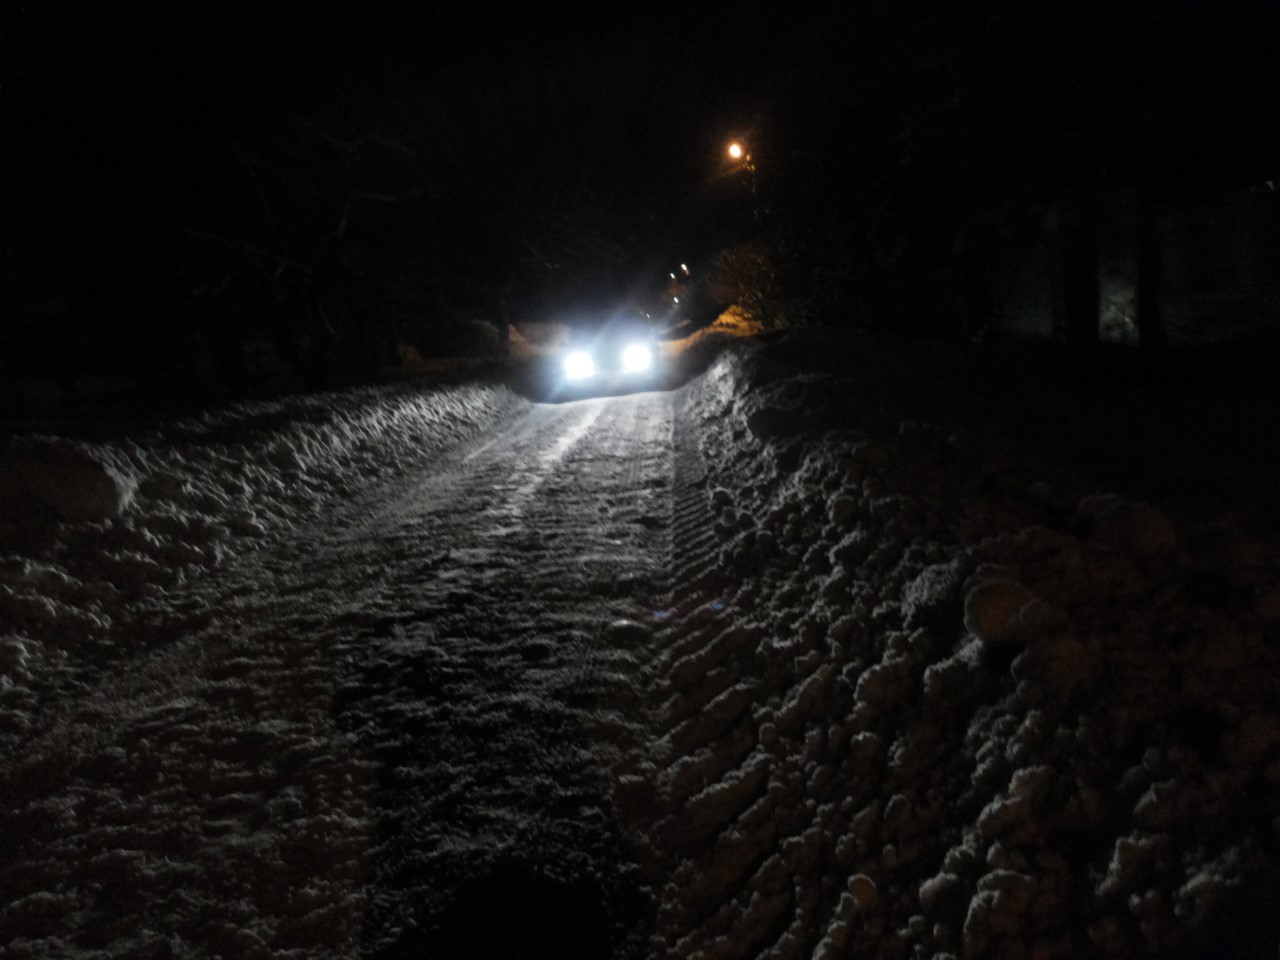 полтавская улица вчера вечером... типично...